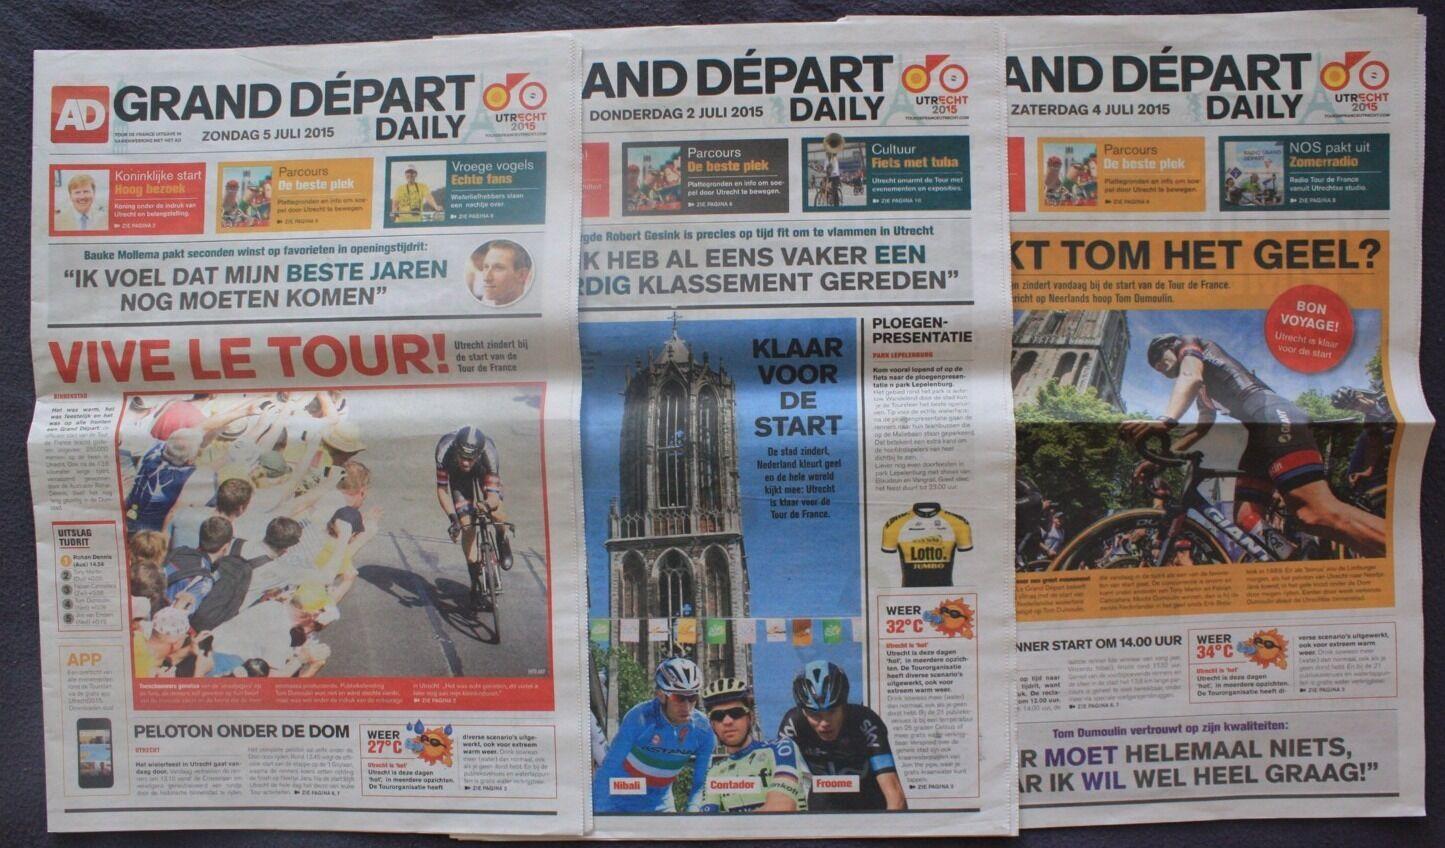 Cyclisme 3 De Journaux Utrecht Tour De 3 France 2015 87131b